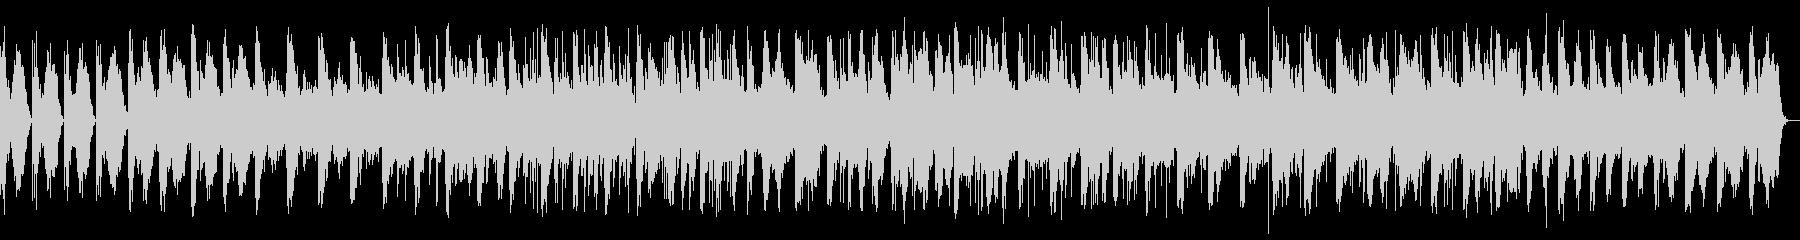 ピアノと波の音のヒーリング(効果音なし)の未再生の波形